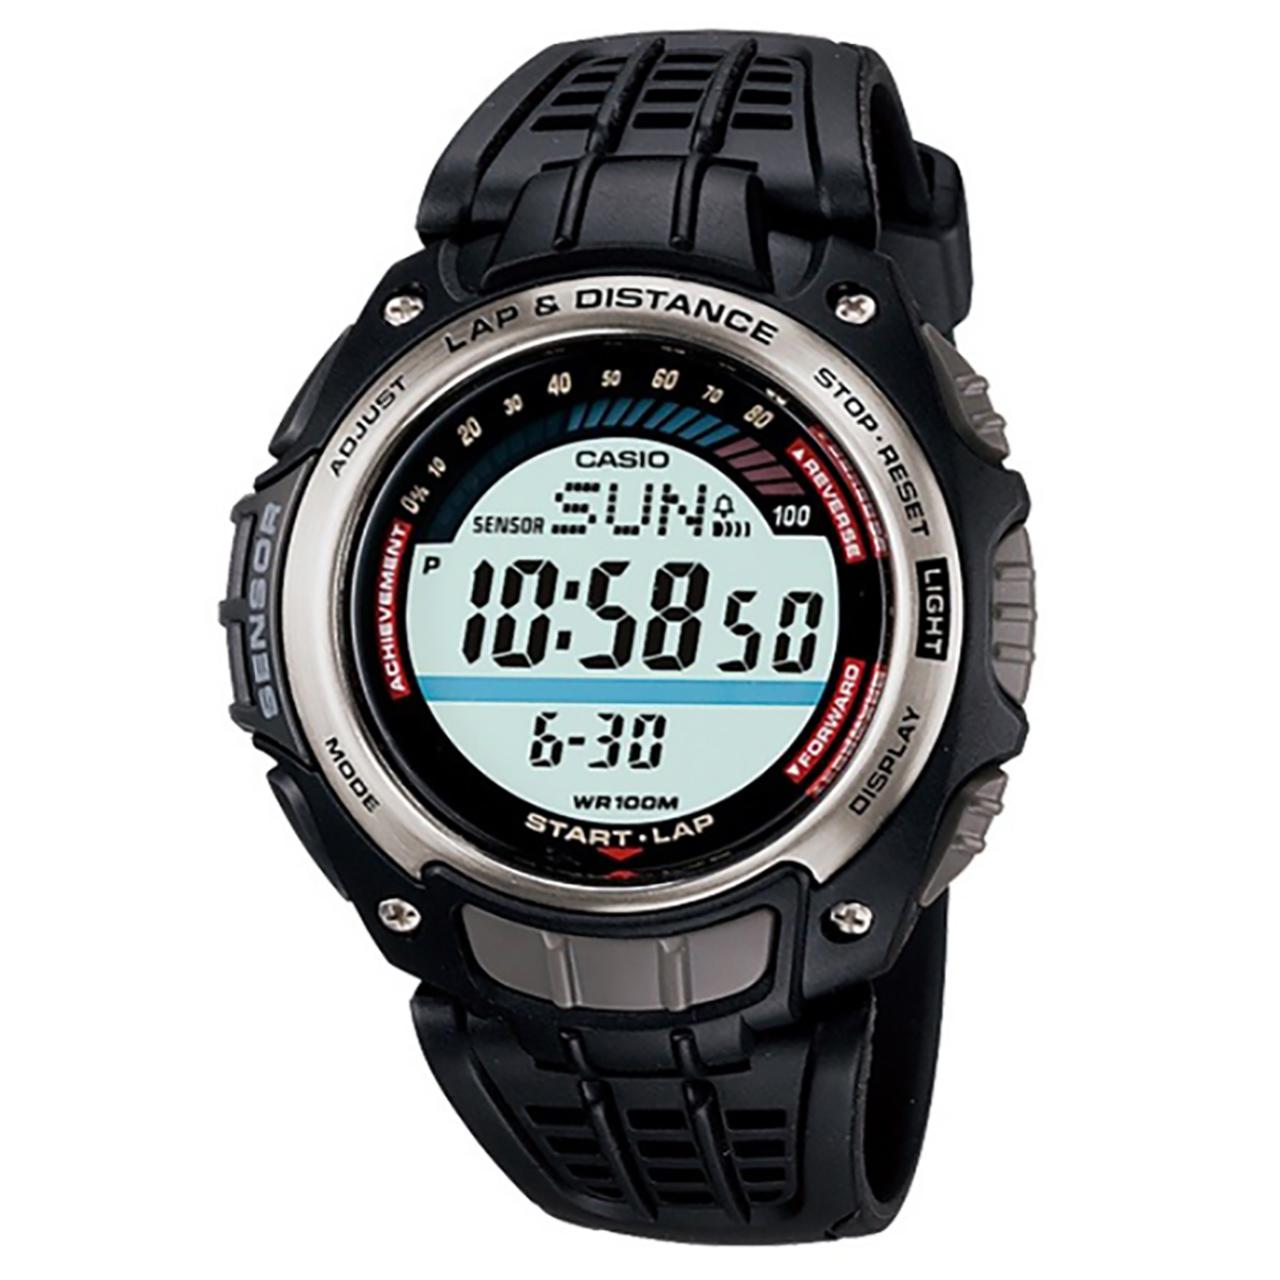 ساعت مچی دیجیتالی کاسیو مدل SGW-200-1VDR 41